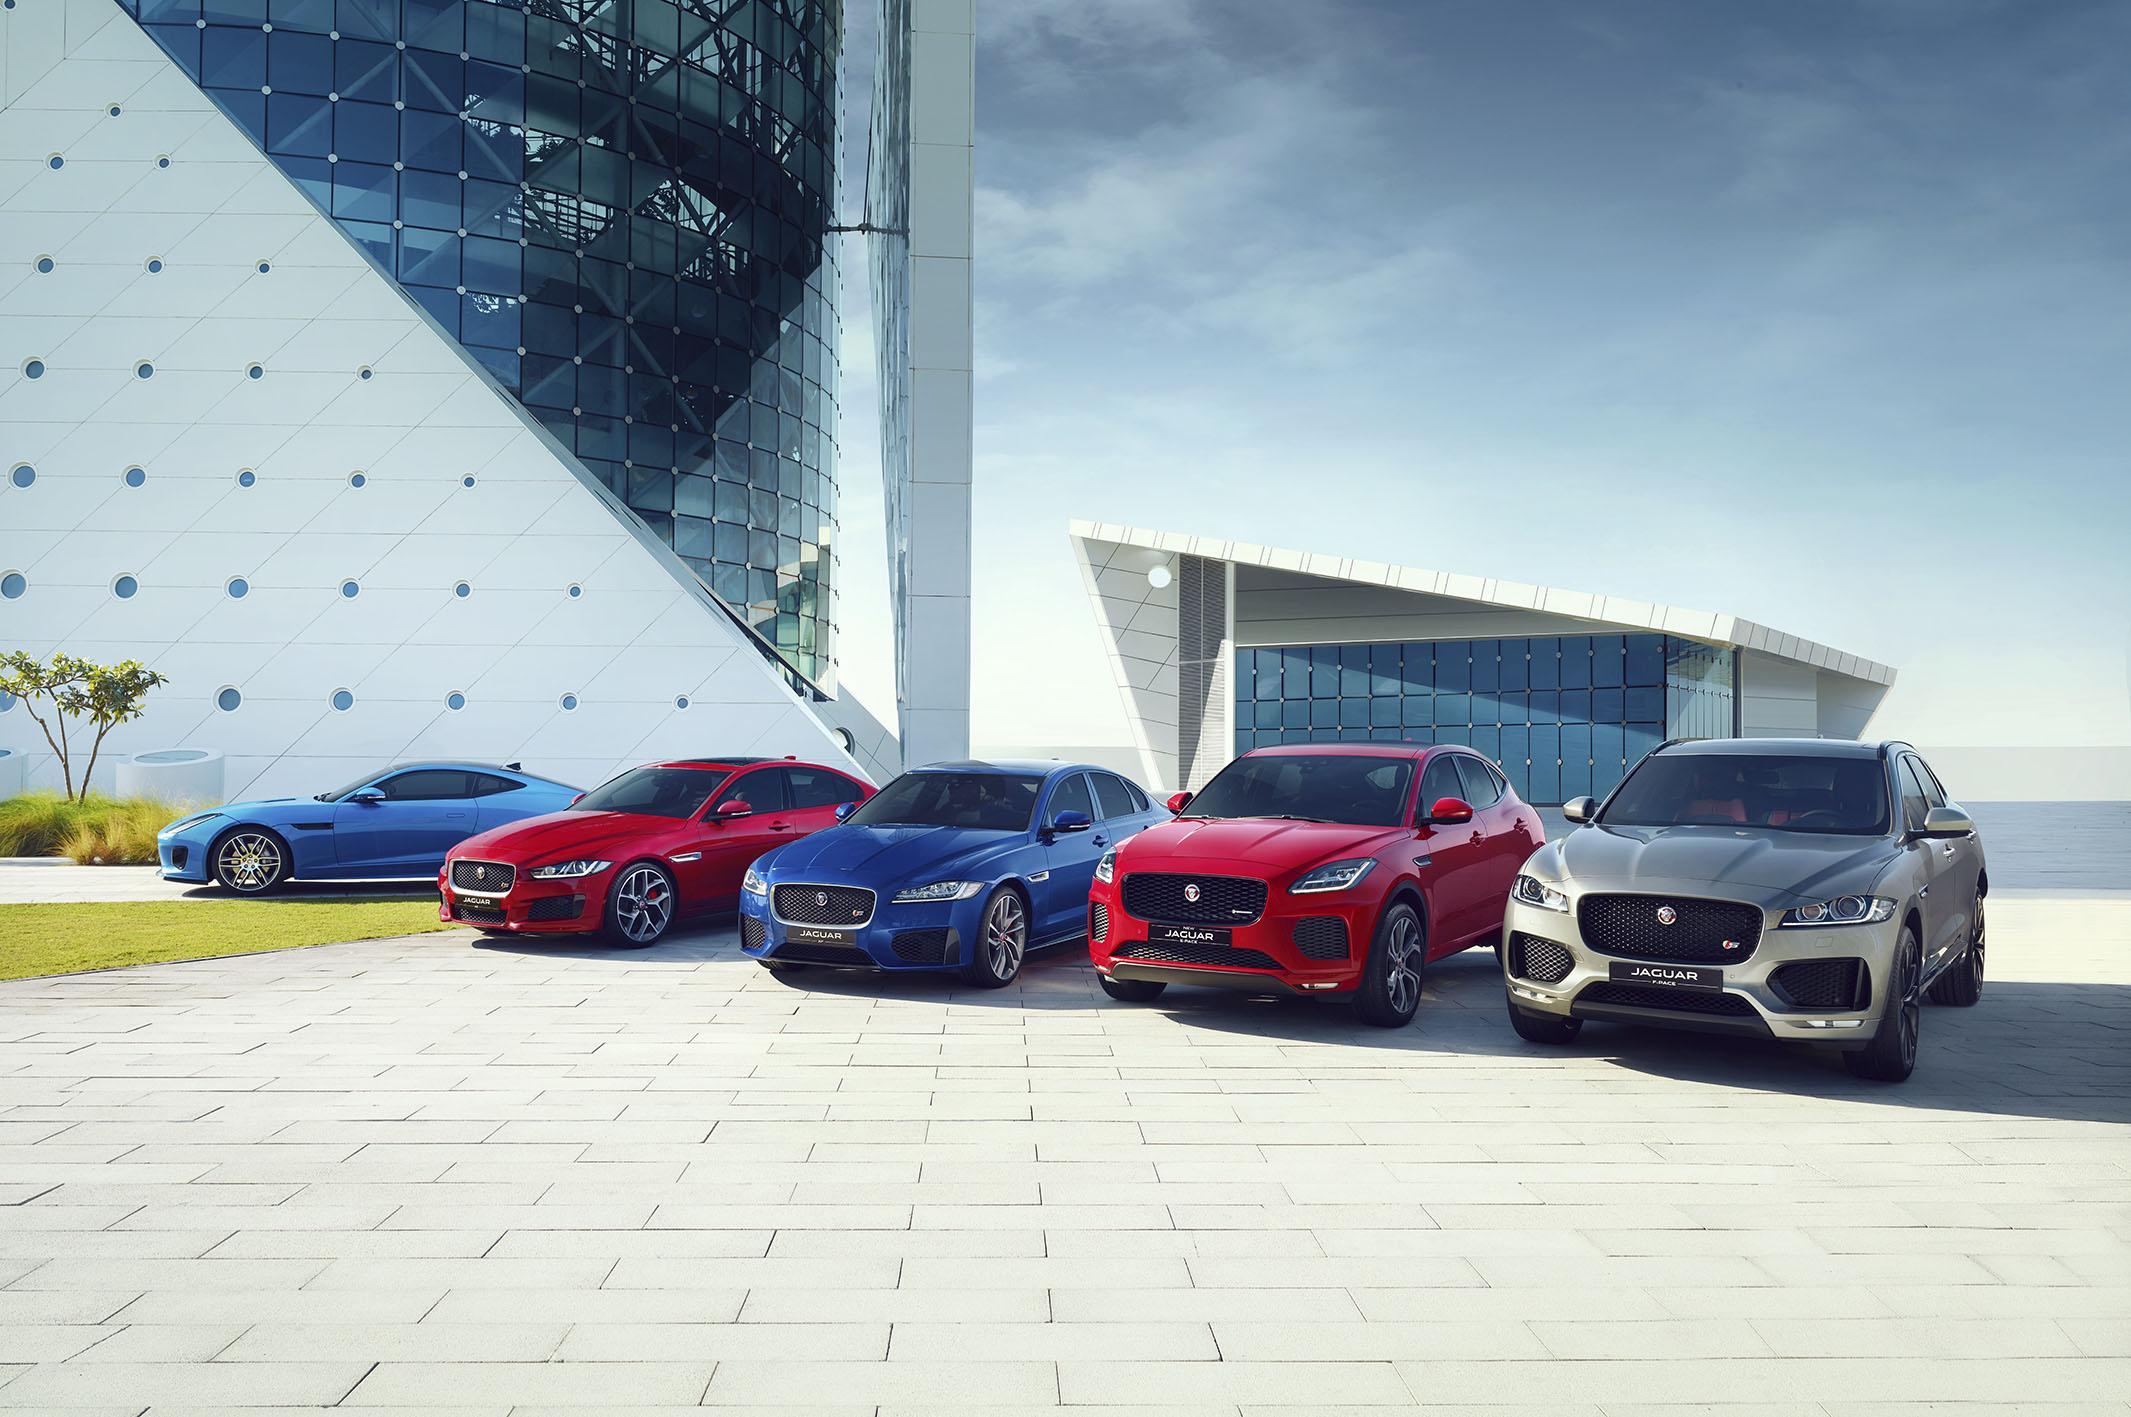 Hasil gambar untuk Car Shopping Experience